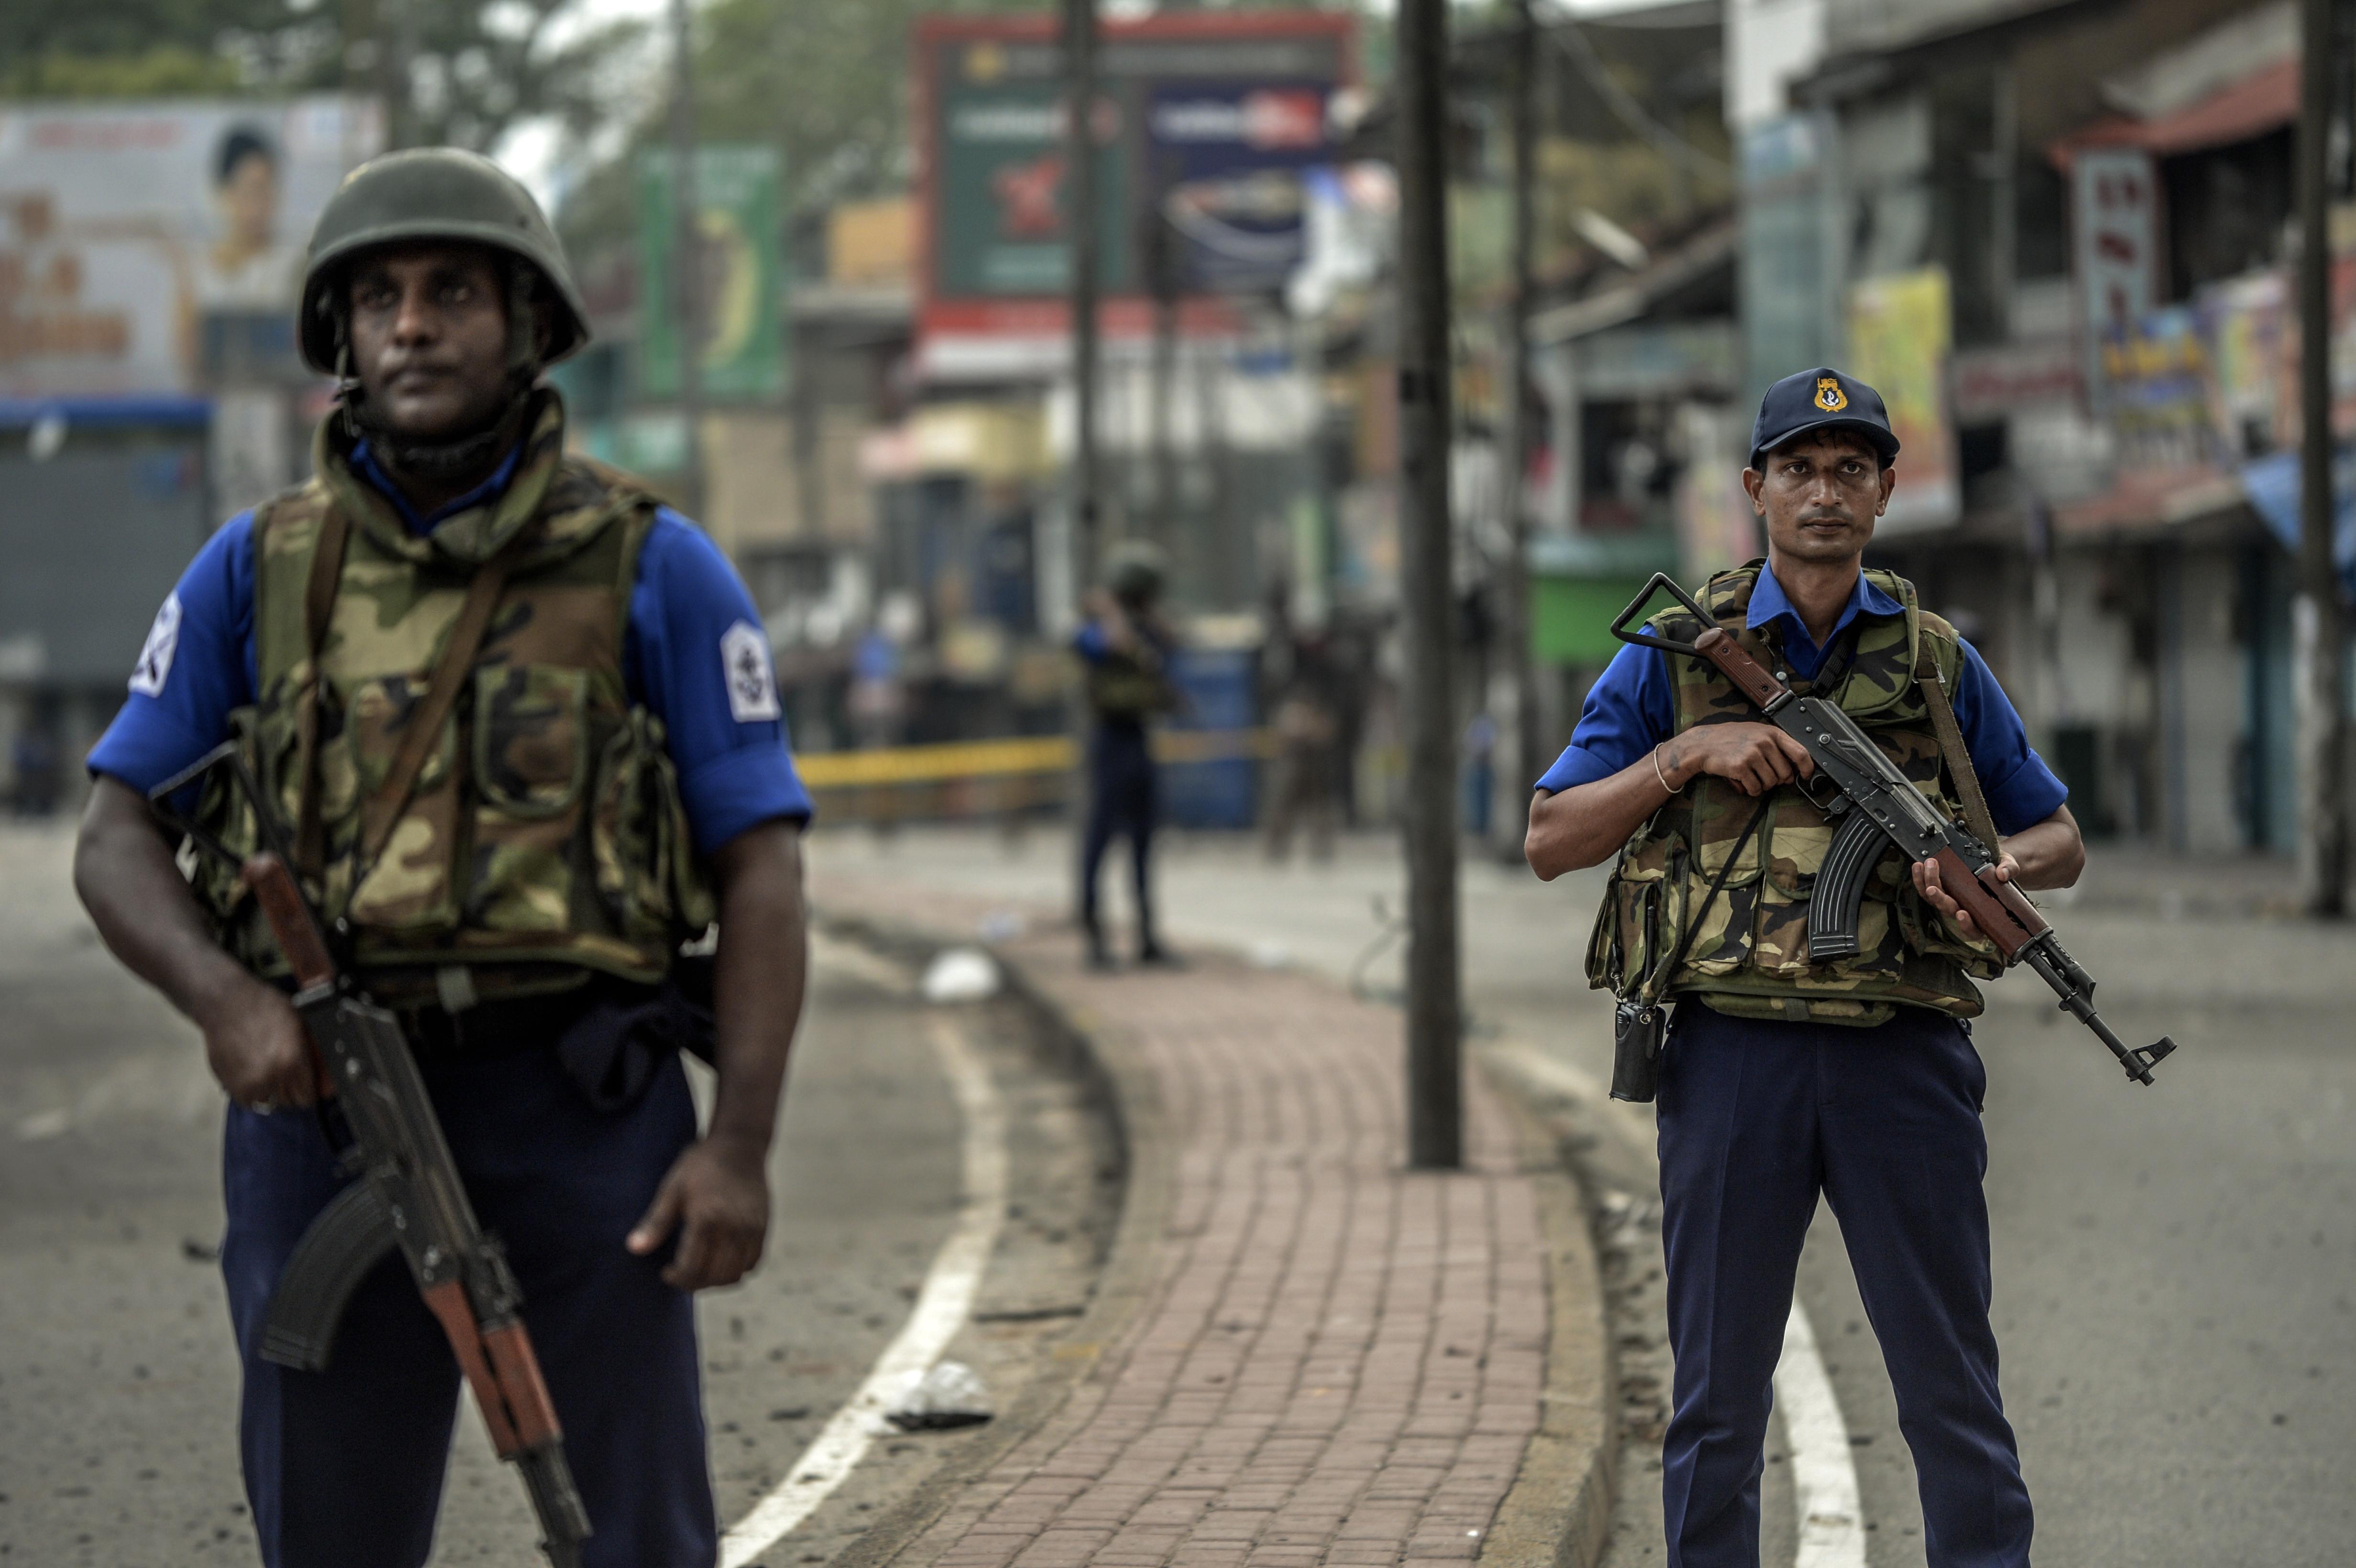 Sri Lanka: Entre bombistas, há um que estudou no Reino Unido e uma mulher